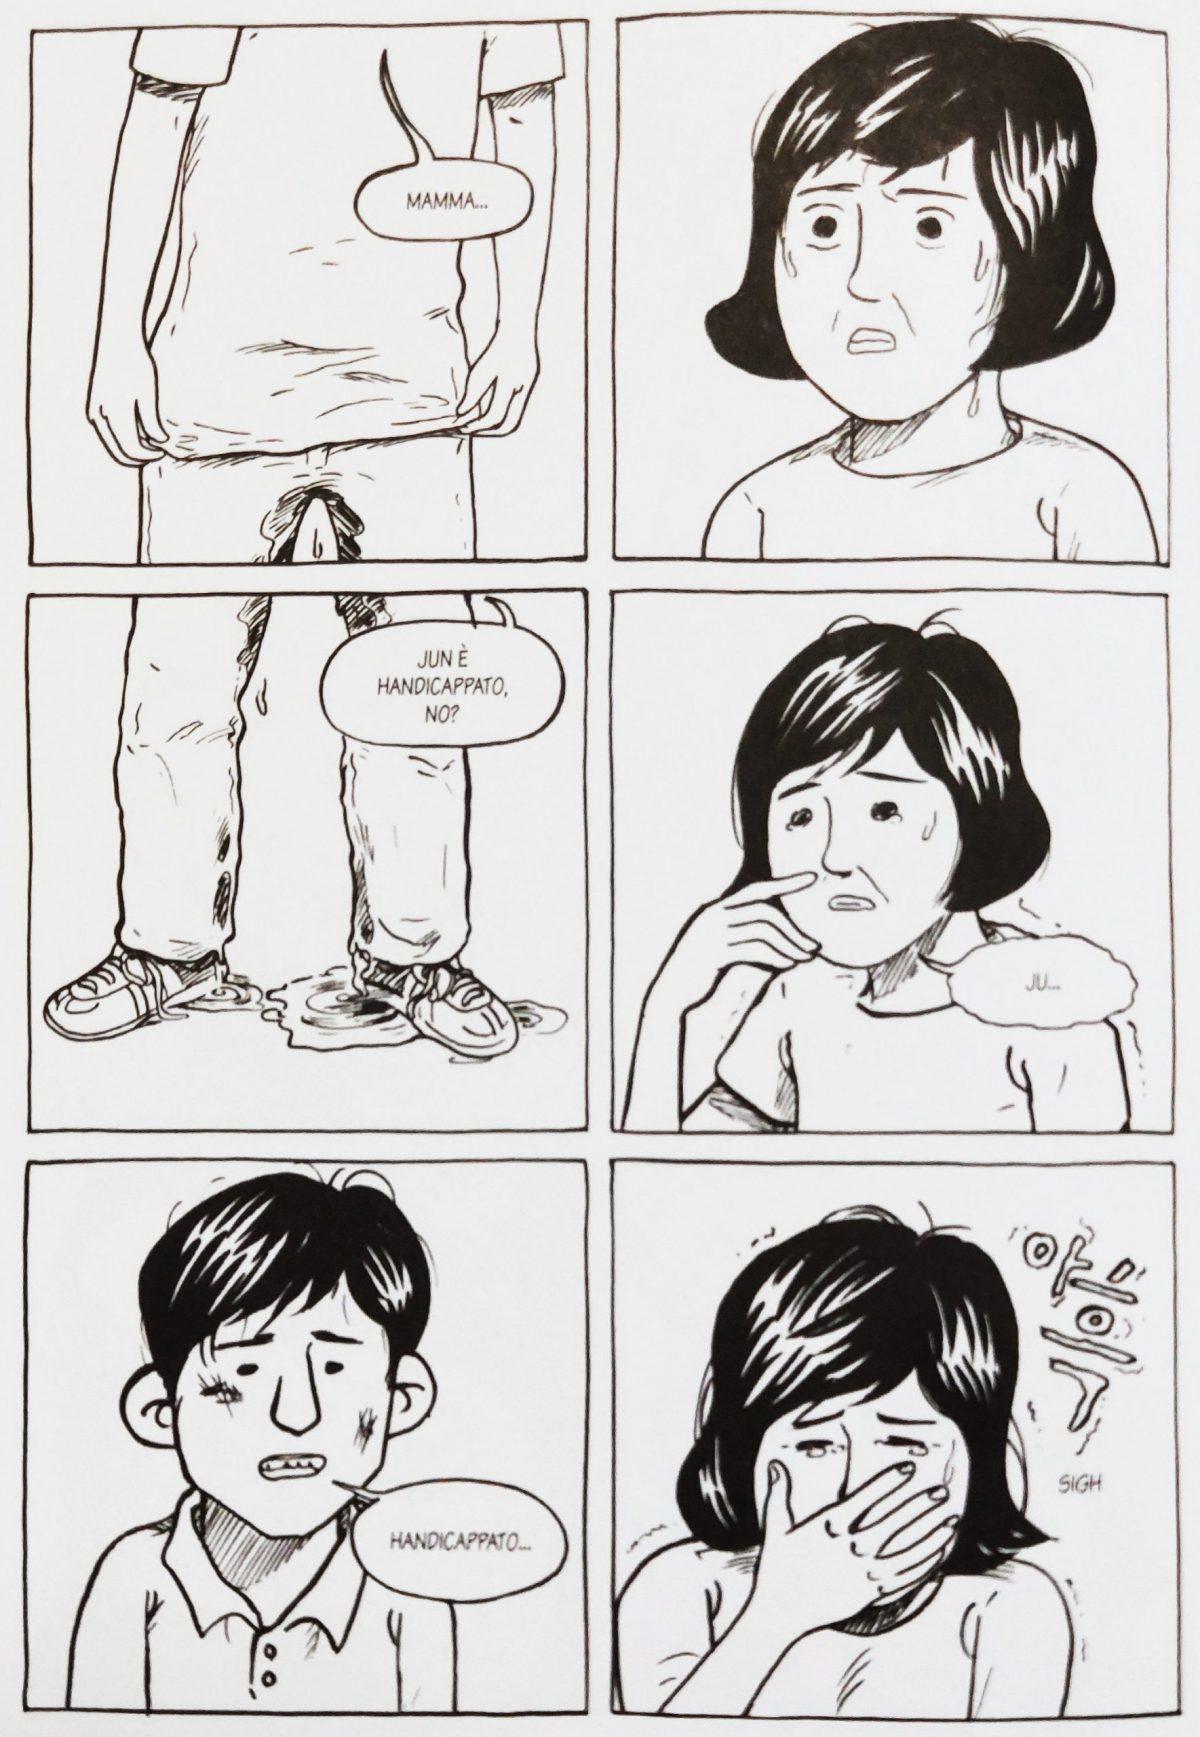 Mio caro fumetto... - Jun traumatizzato dall'aggressione da parte di altri ragazzini